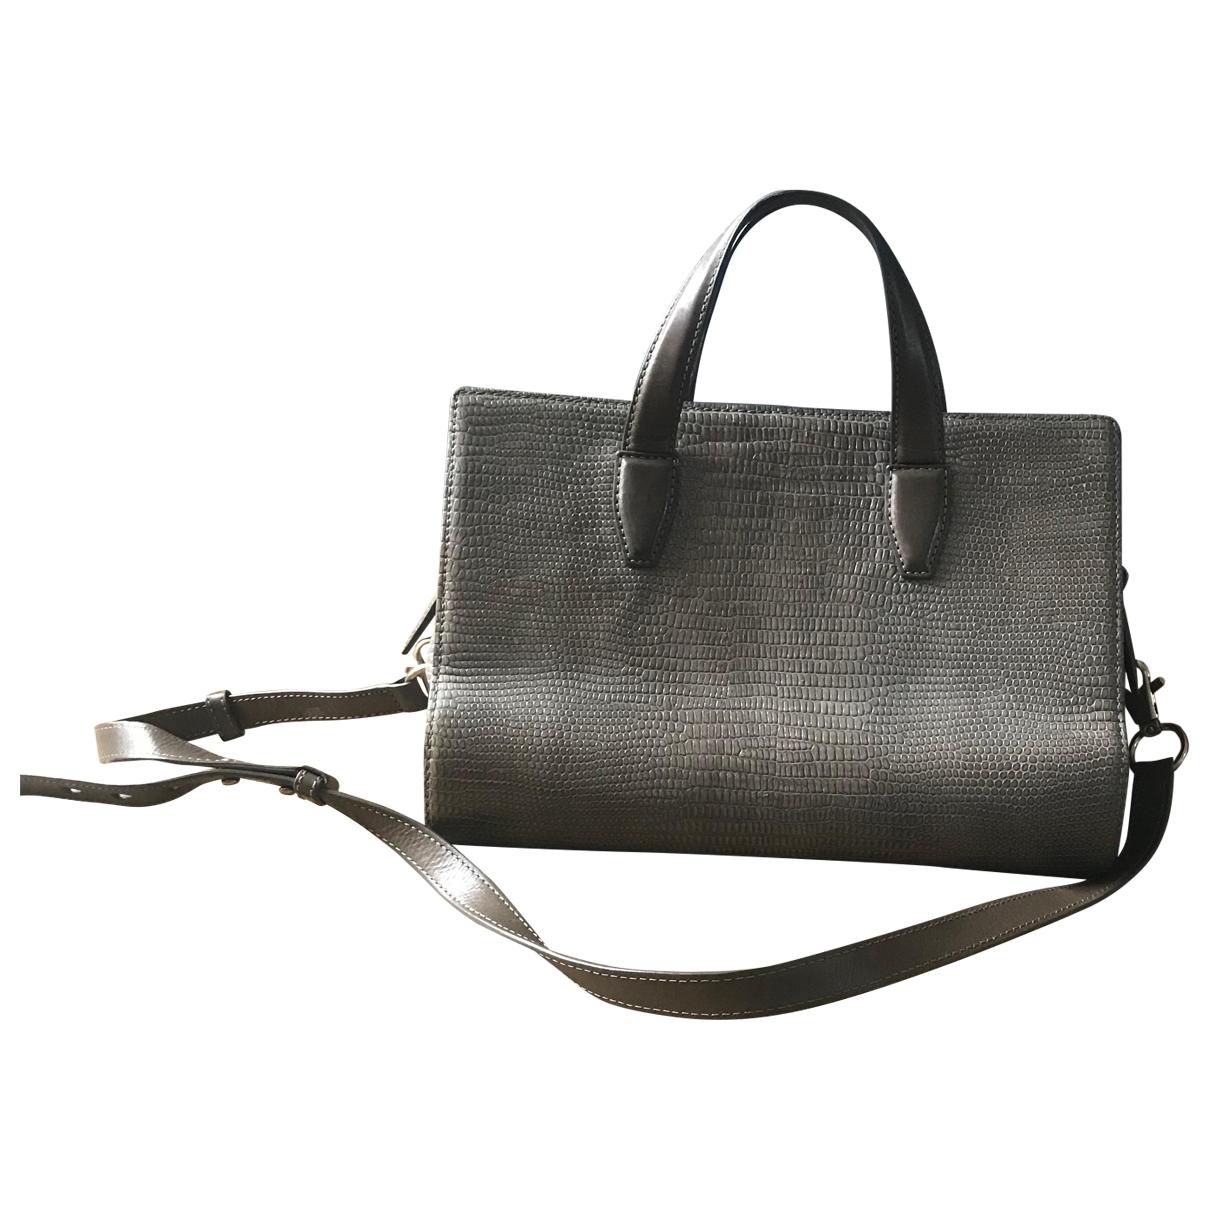 Alexander Wang \N Beige Leather handbag for Women \N